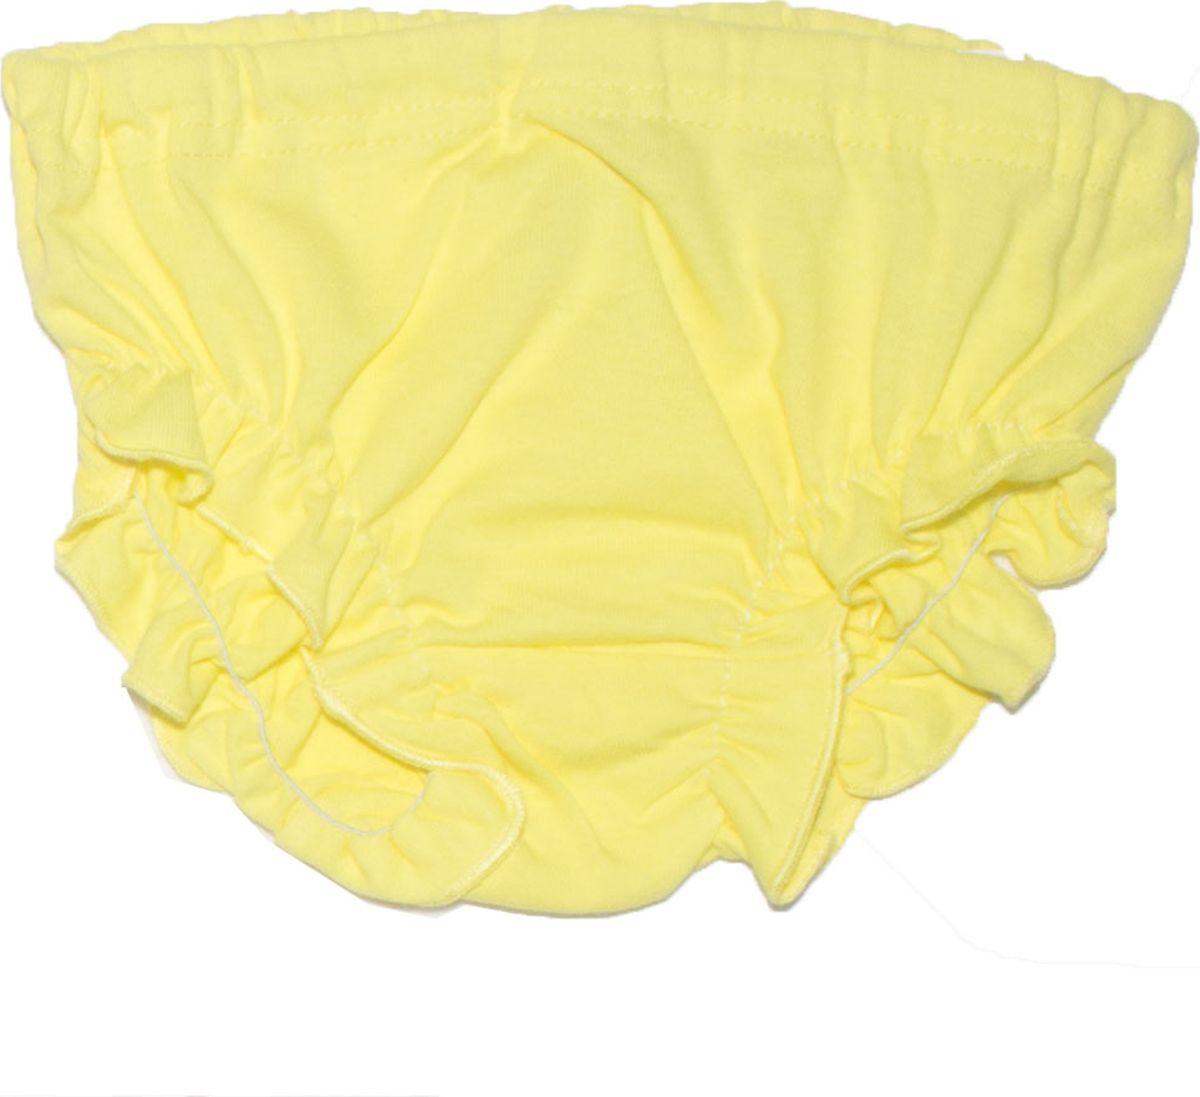 Трусы для девочки Осьминожка, цвет: желтый. 110-03. Размер 74110-03Чудесные трусики для девочек под памперс с оборочками из тонкого лекого трикотажа 100% хлопок